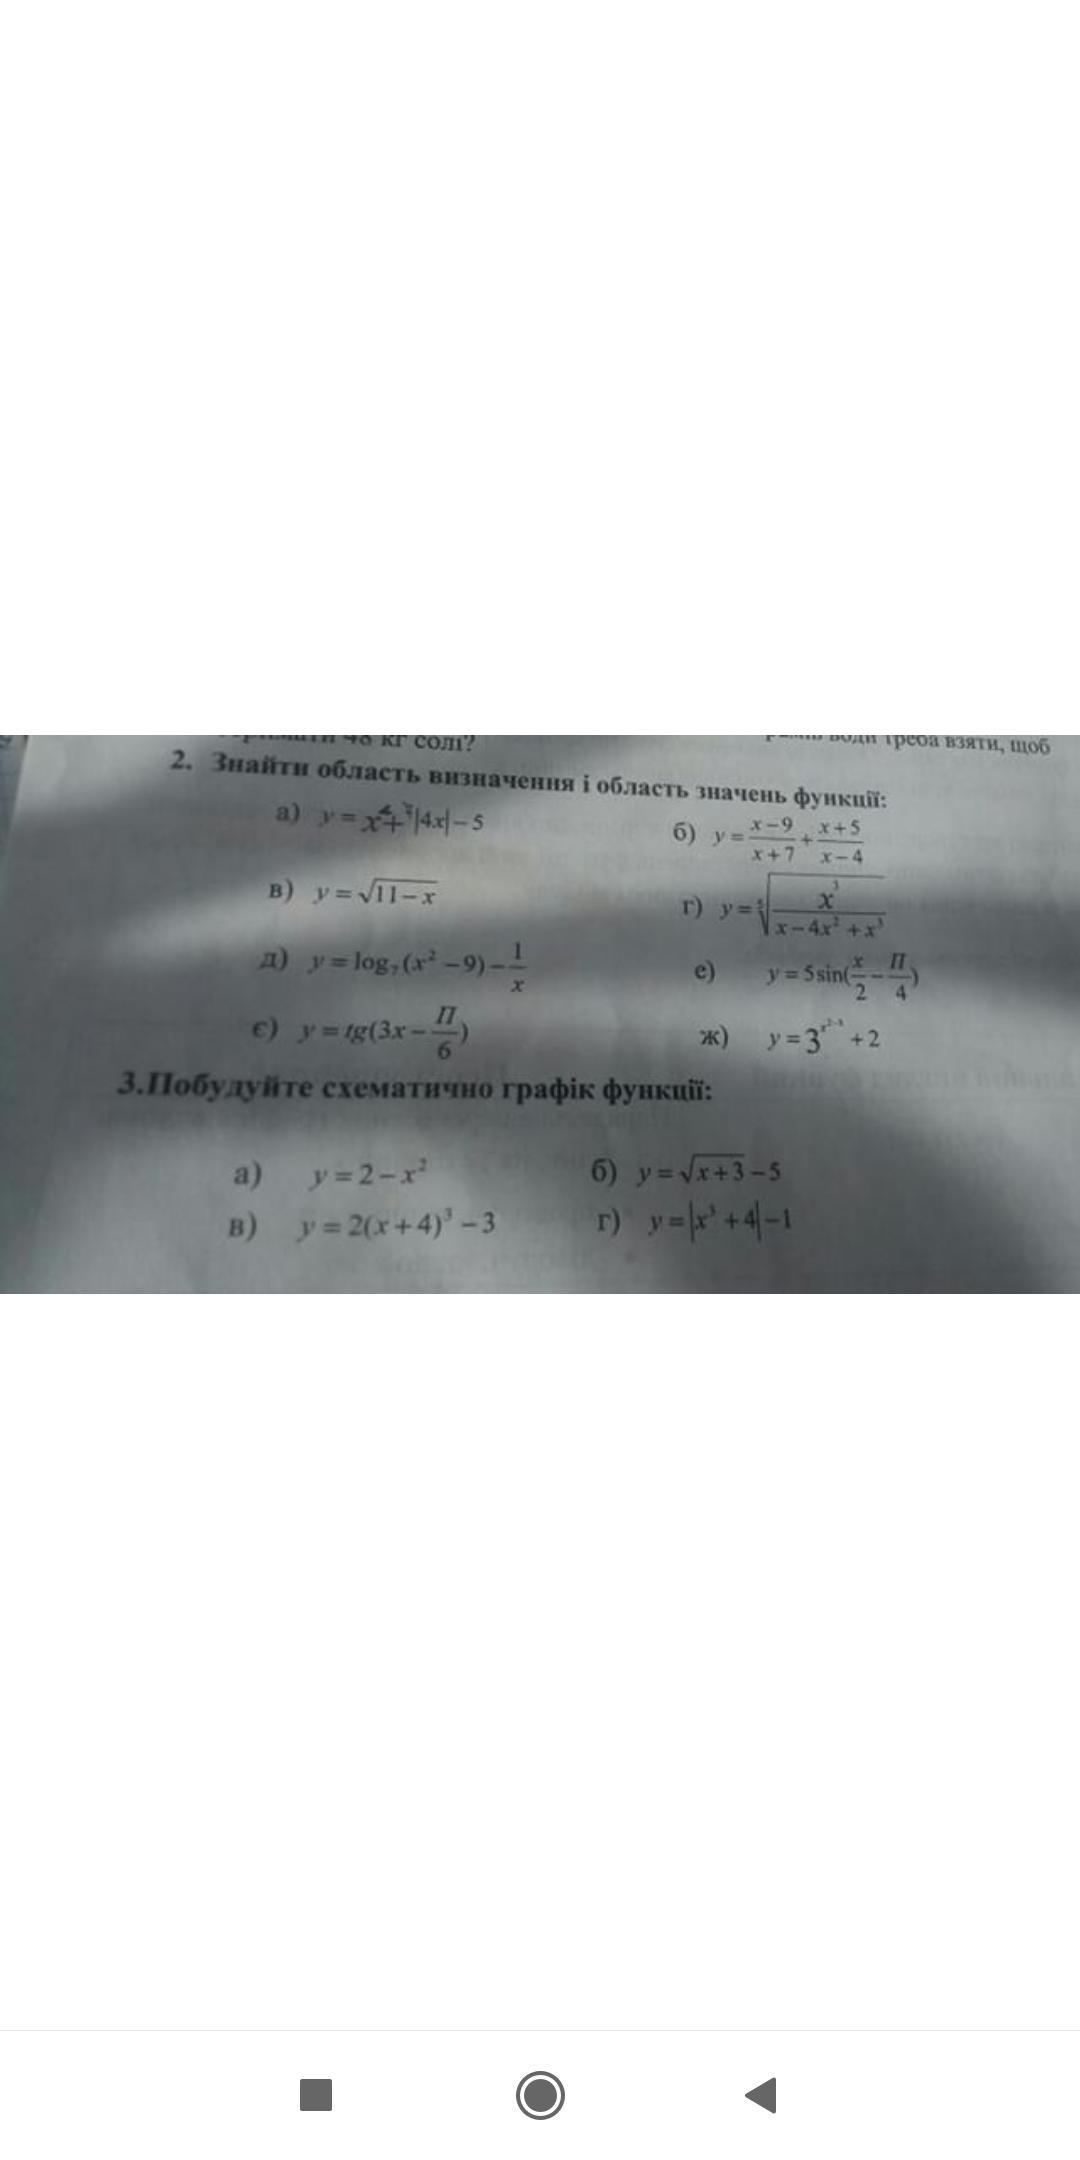 Напишите пожалуйста области значений функции к